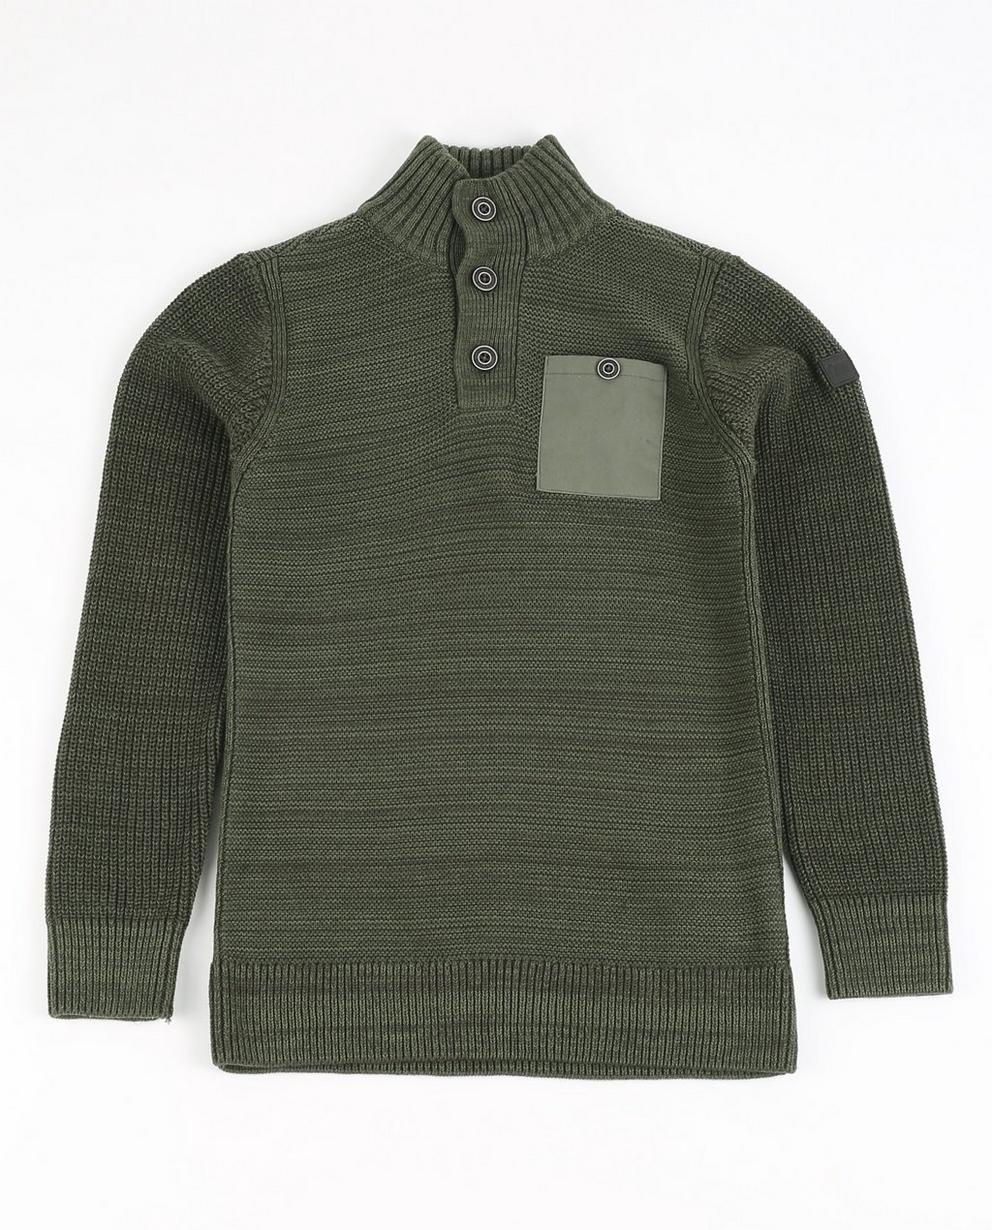 Pullover aus Biobaumwolle - in Moosgrün, I AM - I AM